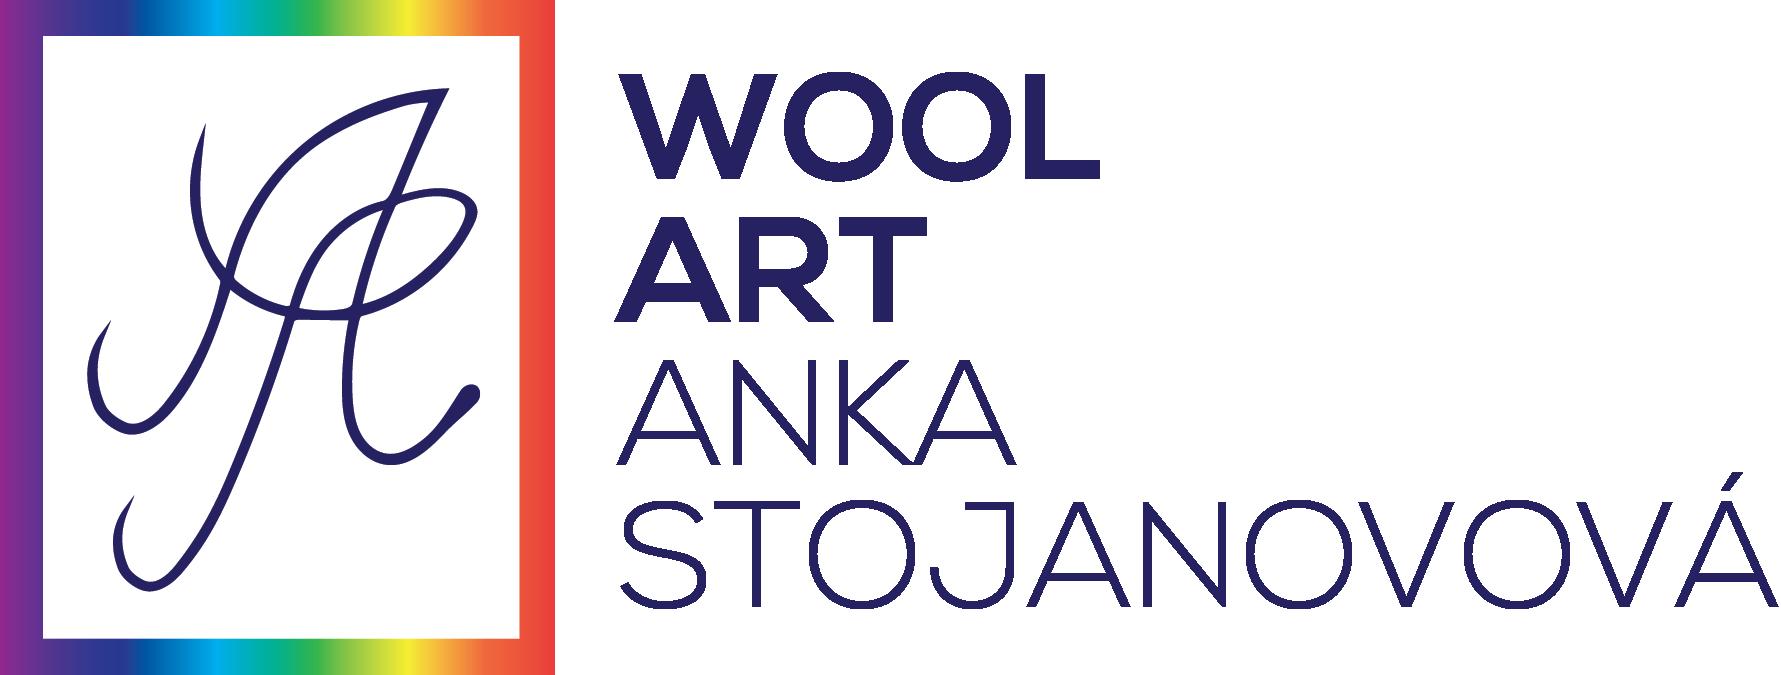 WOOL ART – Anka Stojanovová